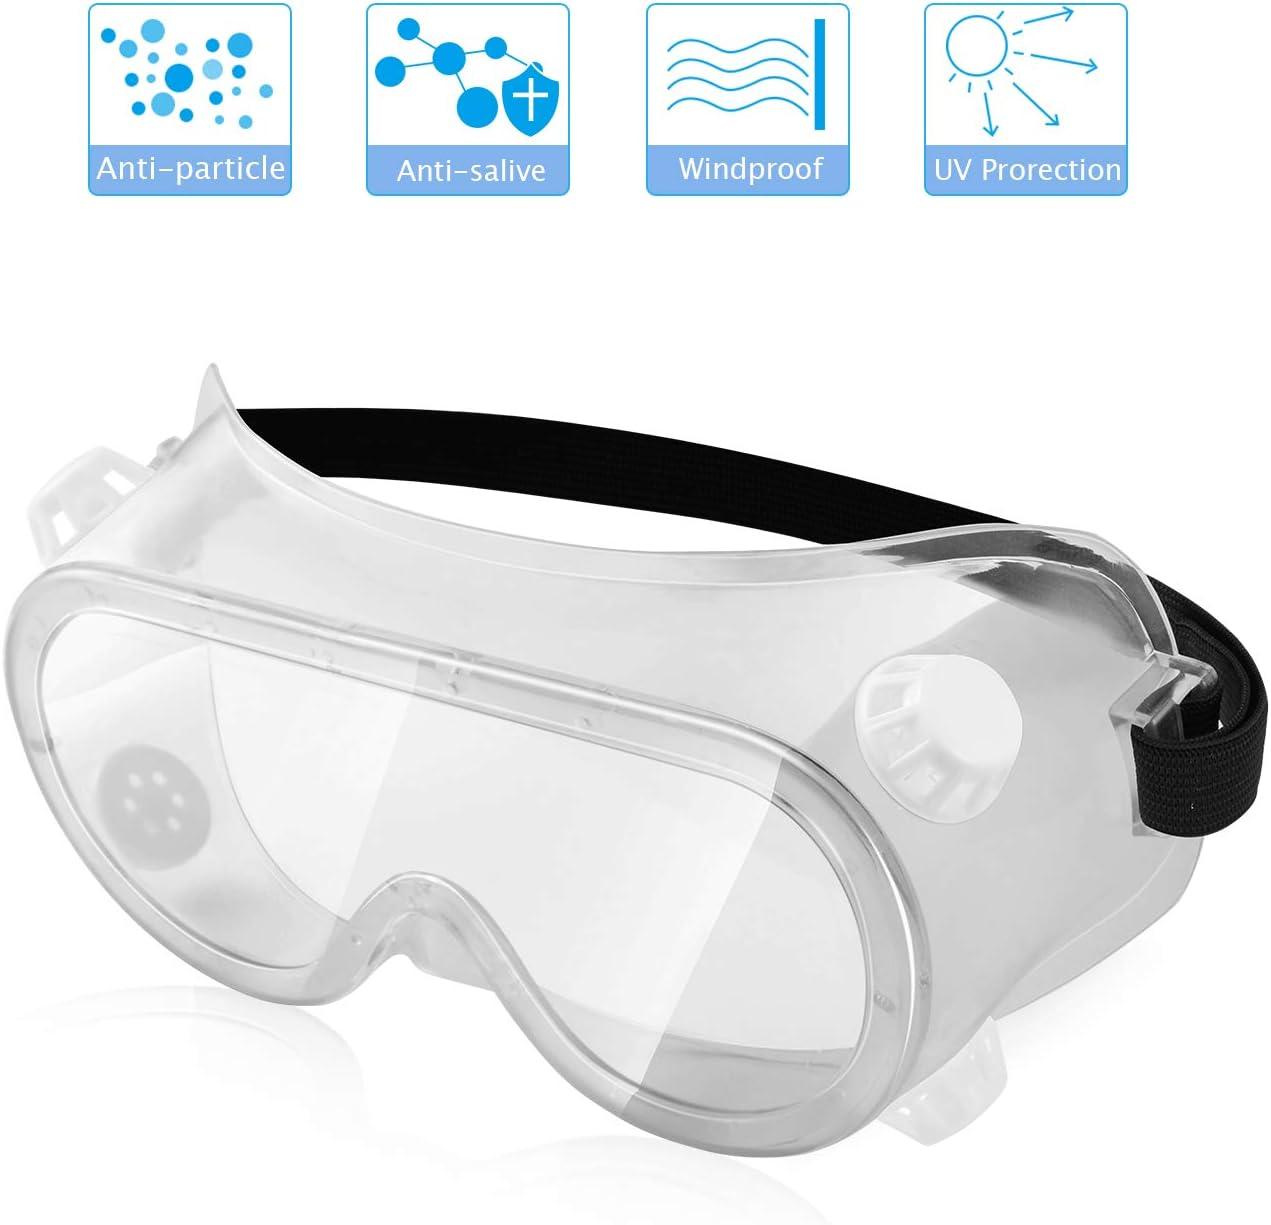 Gafas de seguridad, totalmente cerradas con protección UV para mantener tu seguridad en cualquier entorno, con cuatro rejillas de ventilación (viene con paño para gafas)